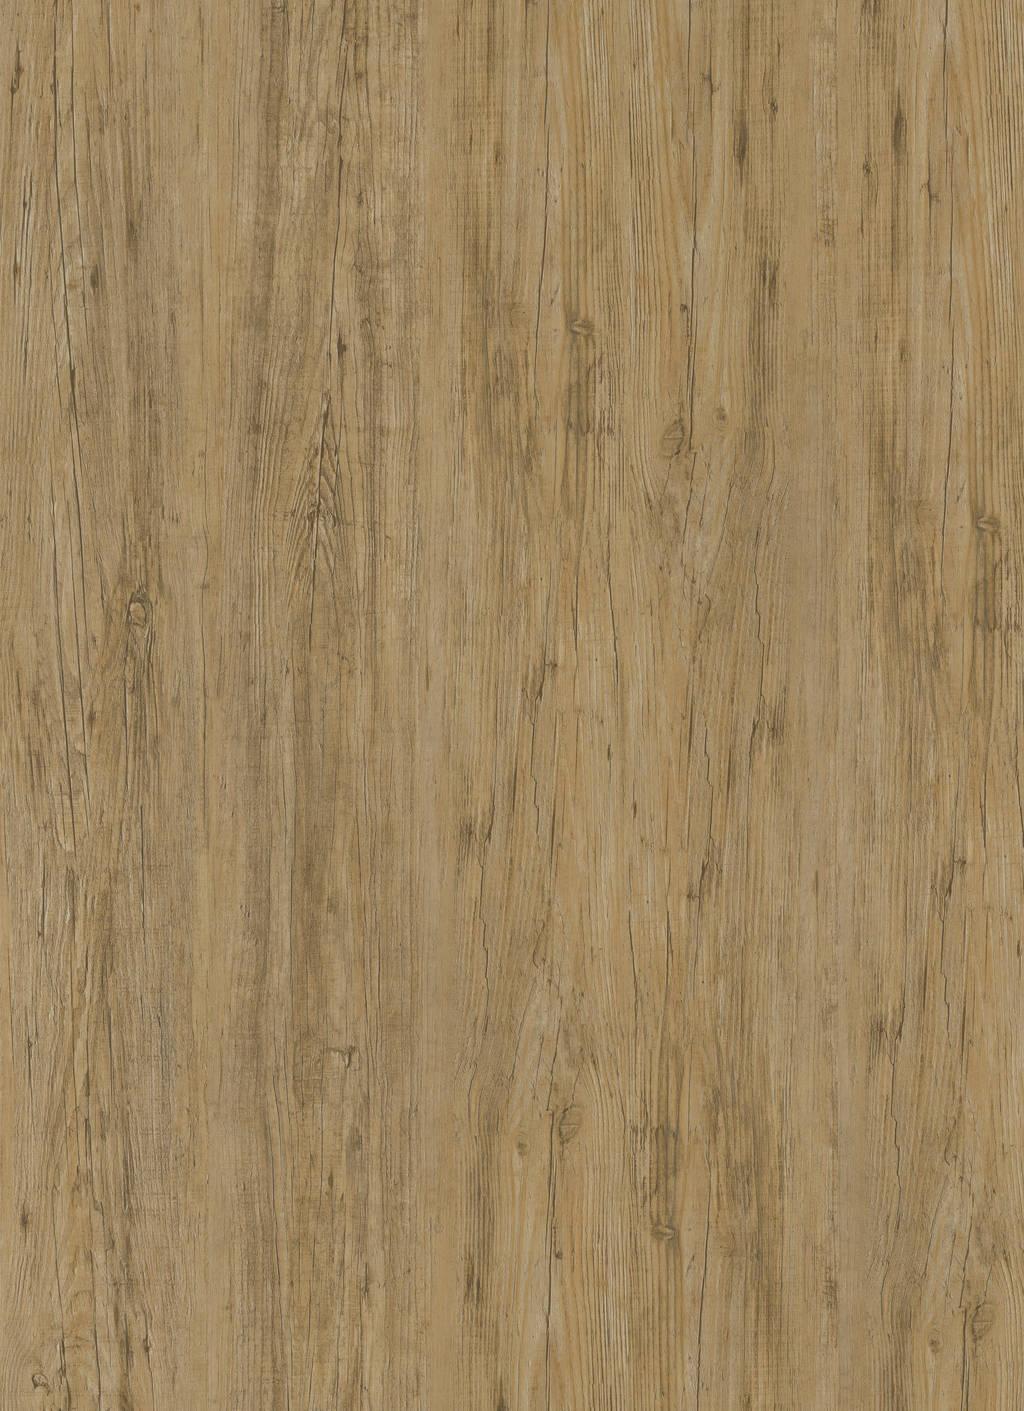 JOKA / INKU Design 2825 Vinylboden / Designboden (Wild Pine)